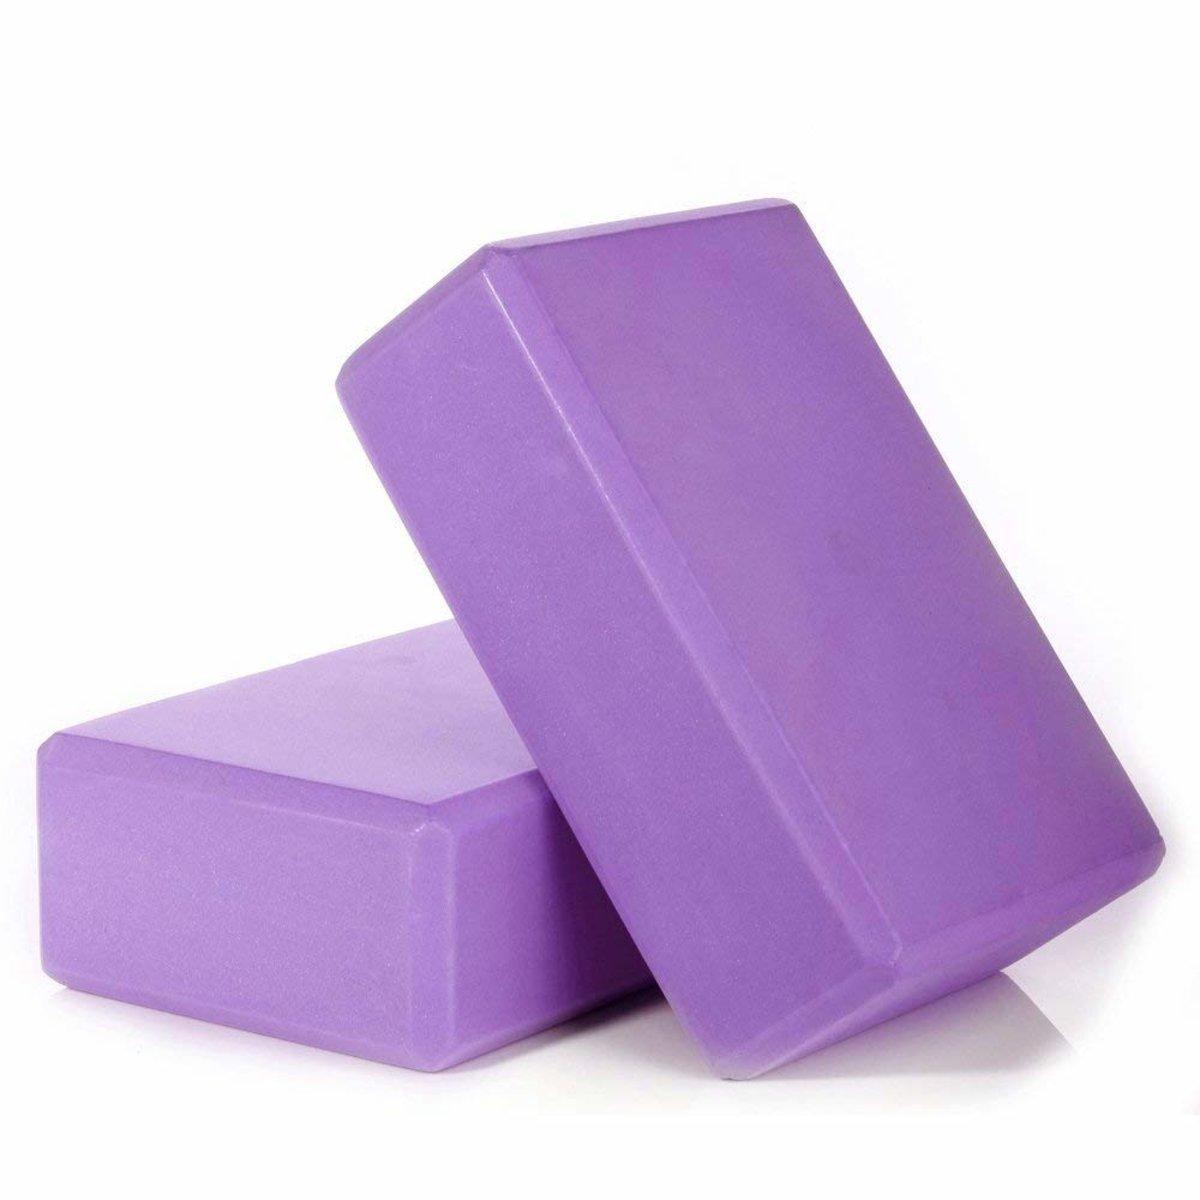 【2個】瑜伽磚 EVA高密度加厚 紫色